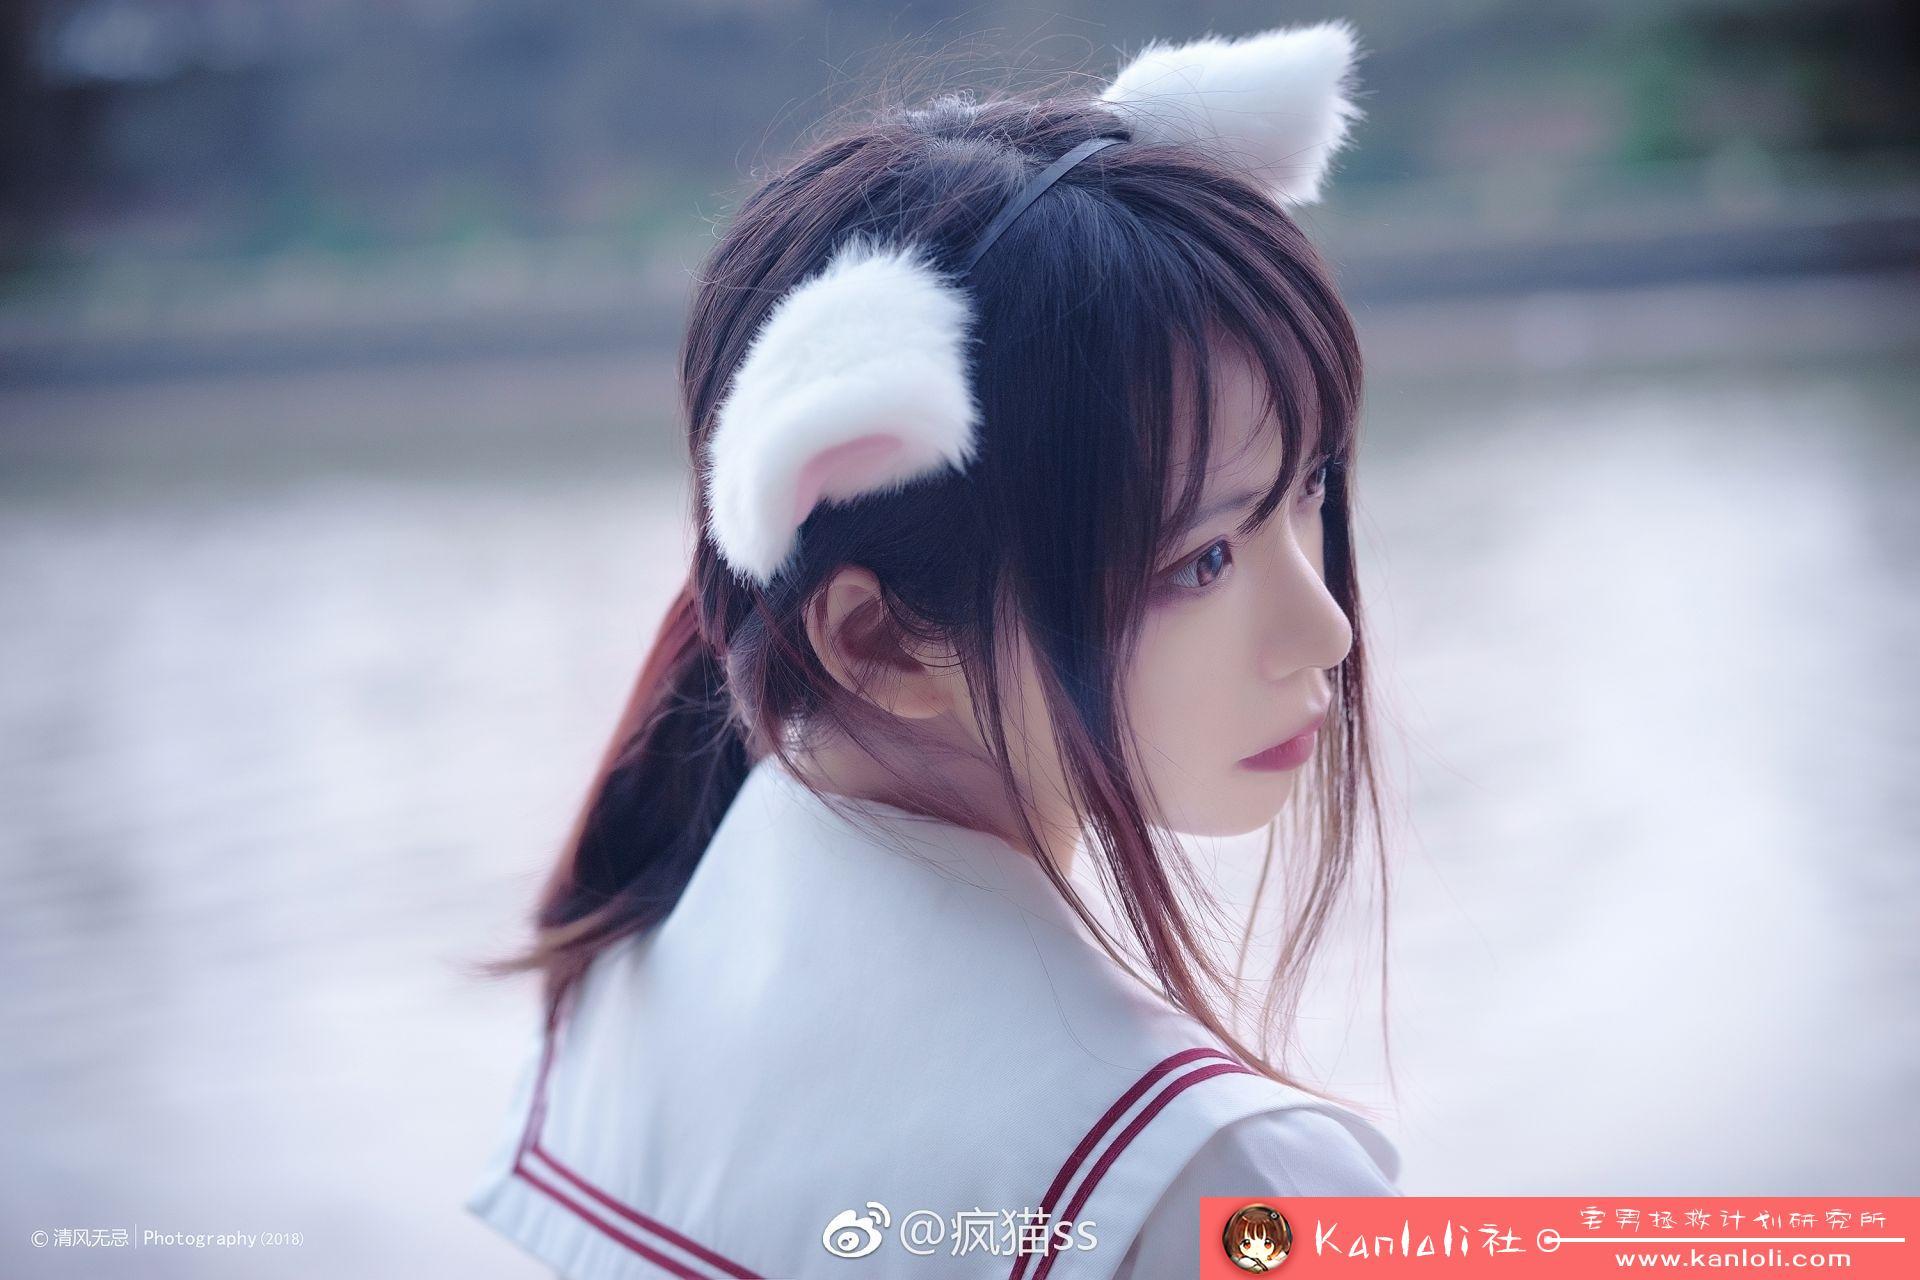 【疯猫ss】疯猫ss写真-FM-006 可爱性感的黑丝萝莉 [9P]